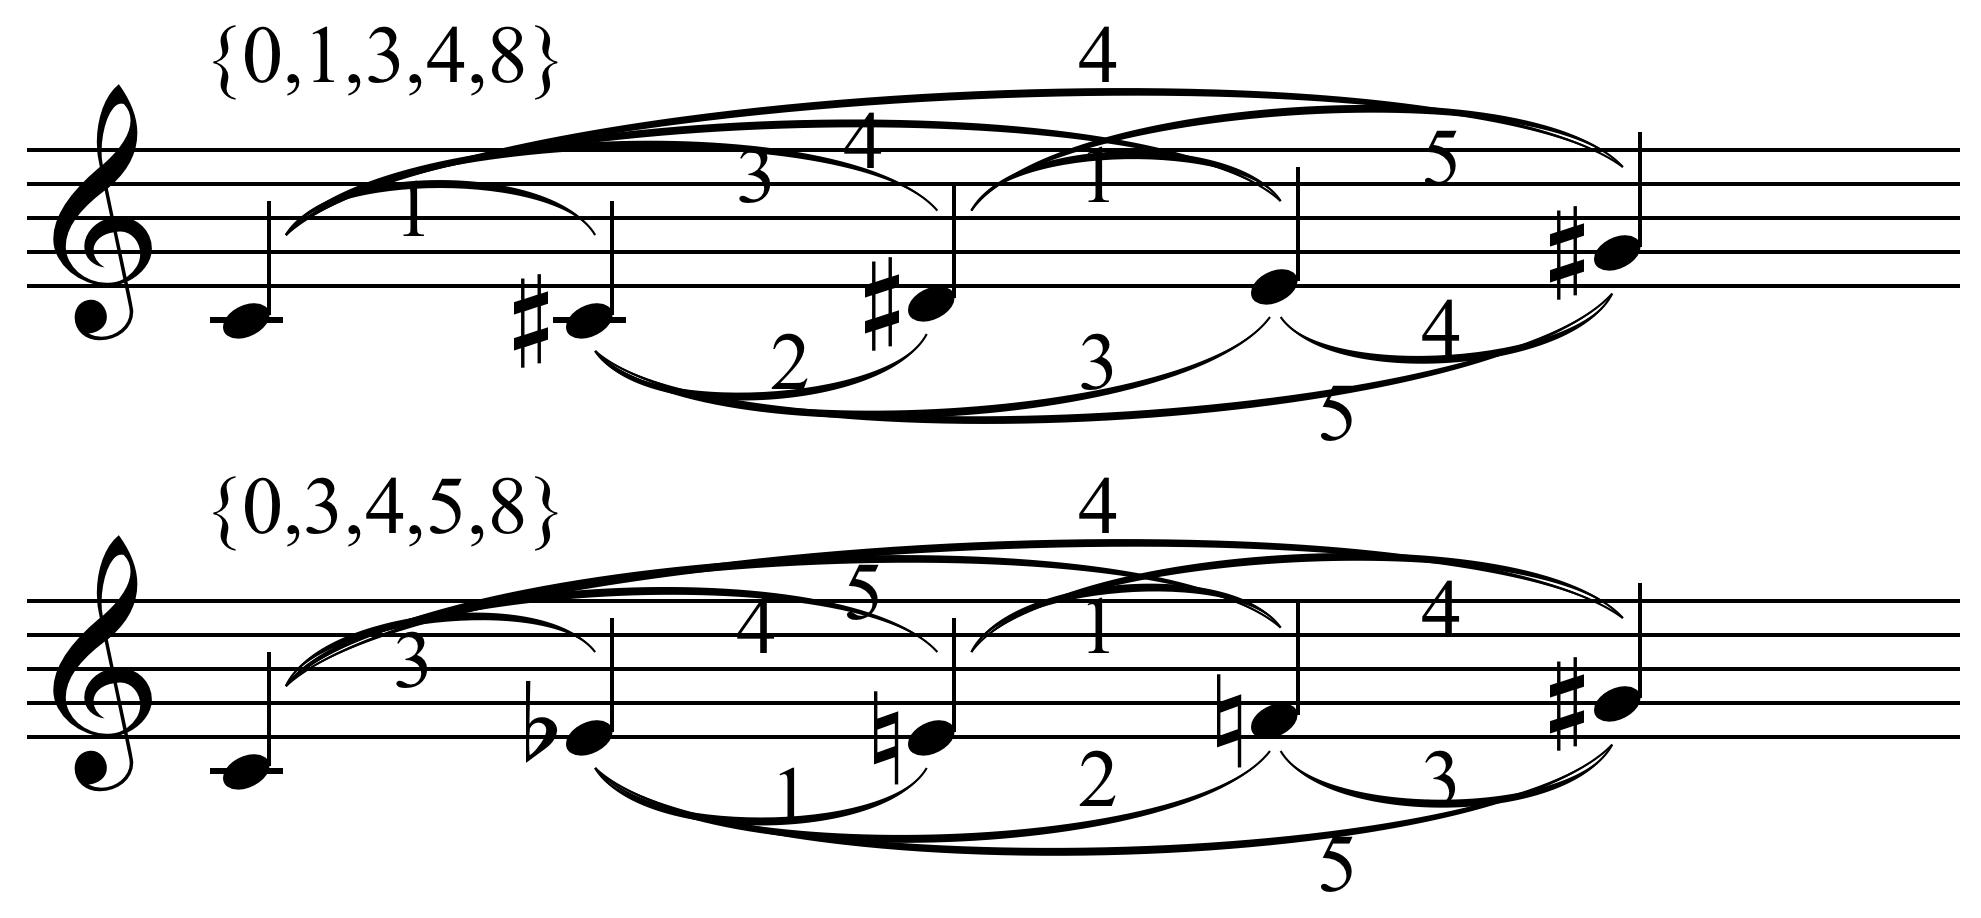 music_analysis